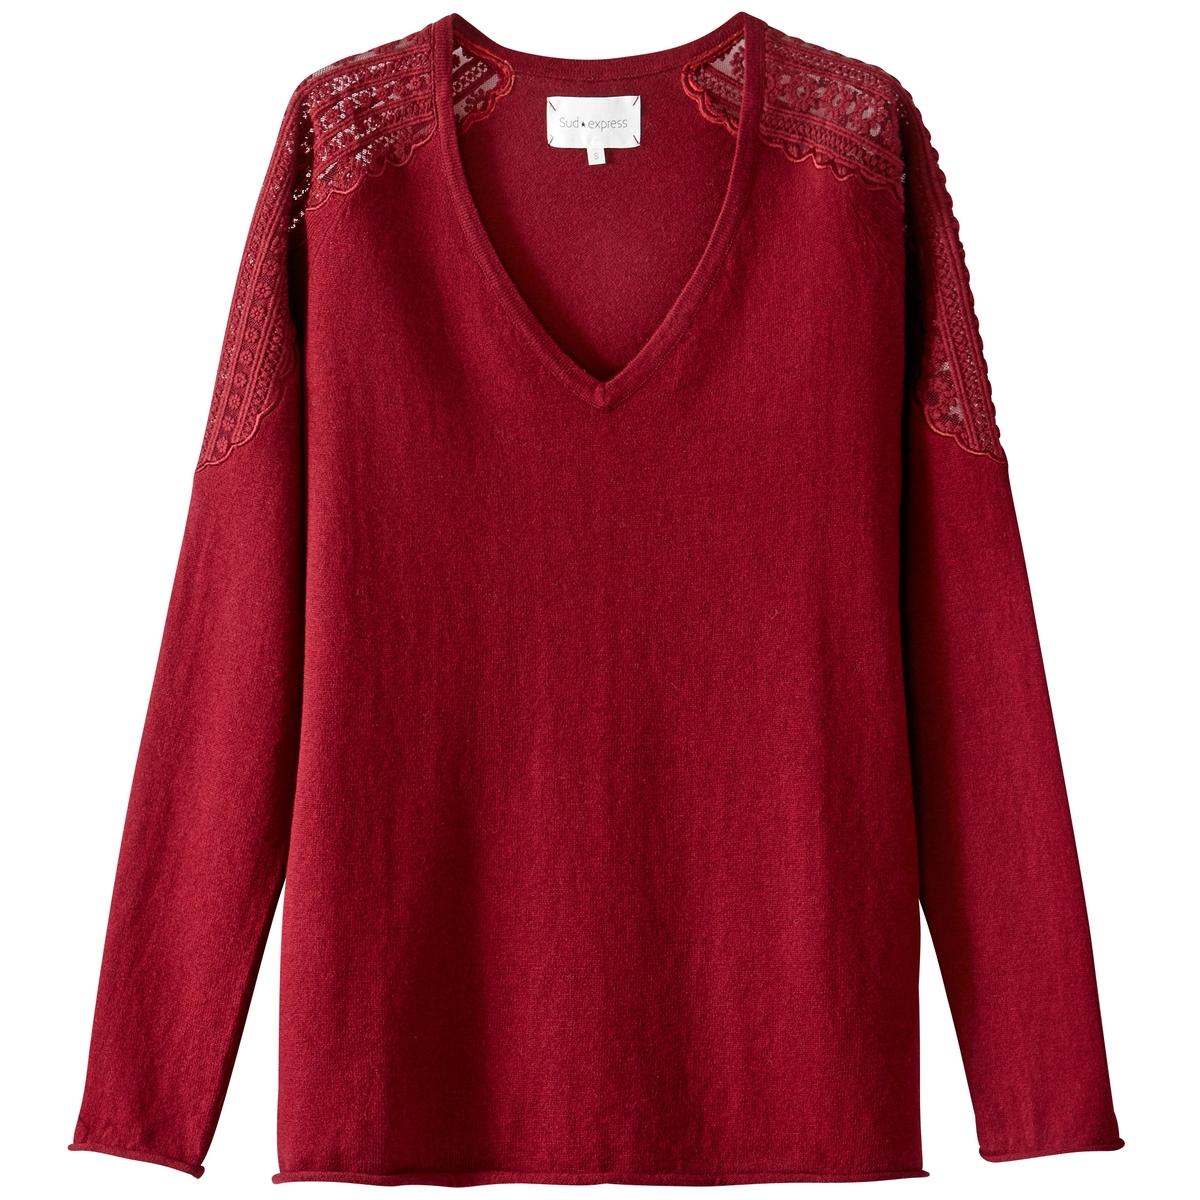 Пуловер из тонкого трикотажа с V-образным вырезомДетали •  Длинные рукава •   V-образный вырез •  Тонкий трикотаж Состав и уход •  20% шерсти, 80% хлопка •  Следуйте советам по уходу, указанным на этикетке<br><br>Цвет: бордовый<br>Размер: M